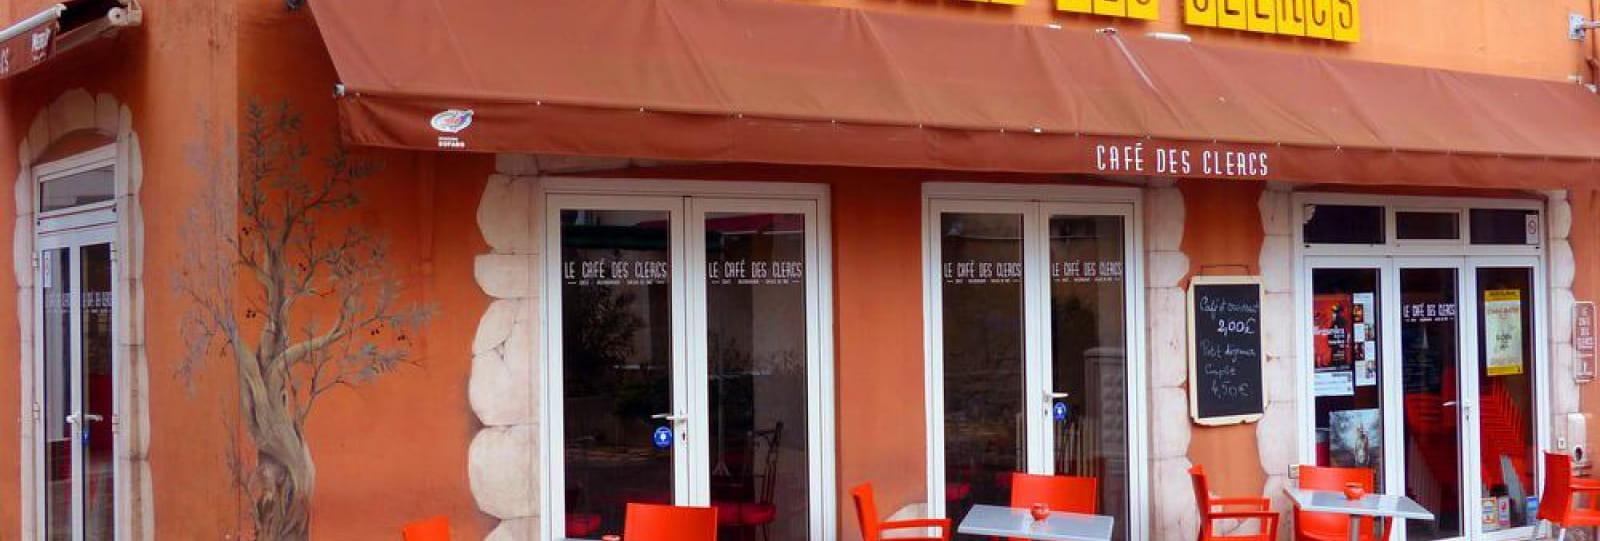 Le Café des Clercs